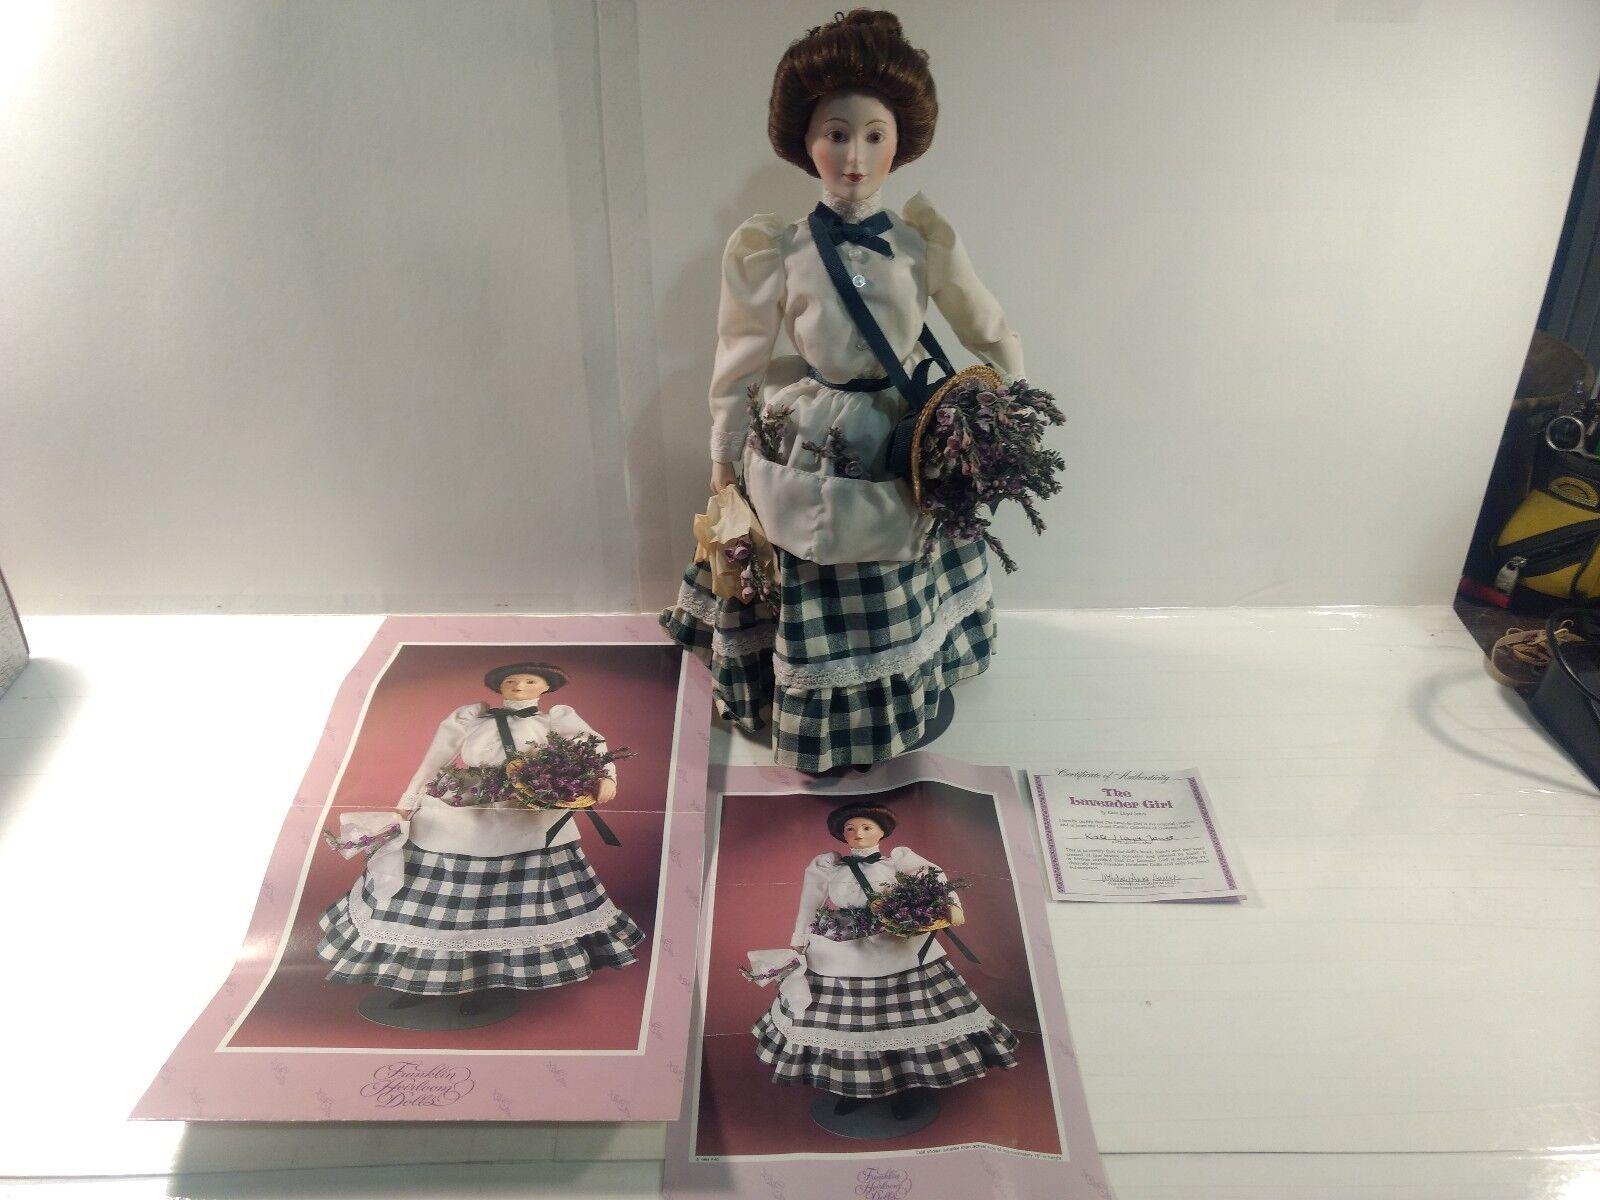 Franklin Mint Heirloom Dolls The Lavender Girl Bisque Porcelain ds1324